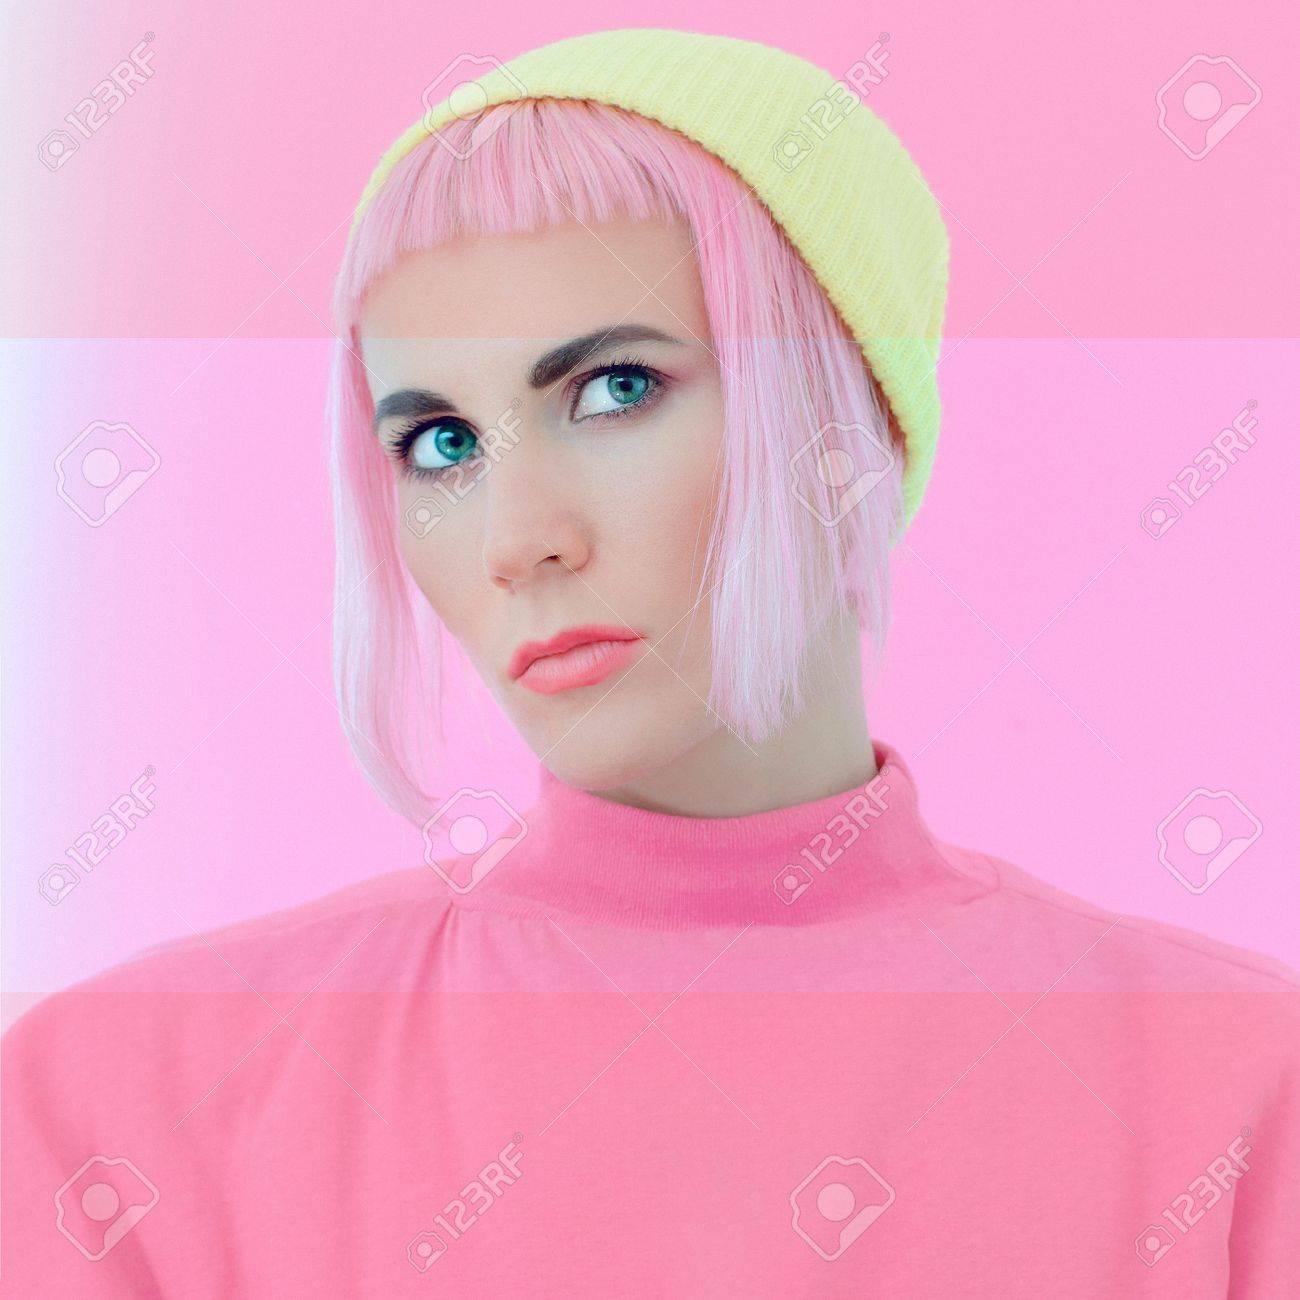 Madchenportrait Pastellfarben Mit Rosa Haaren Lizenzfreie Fotos